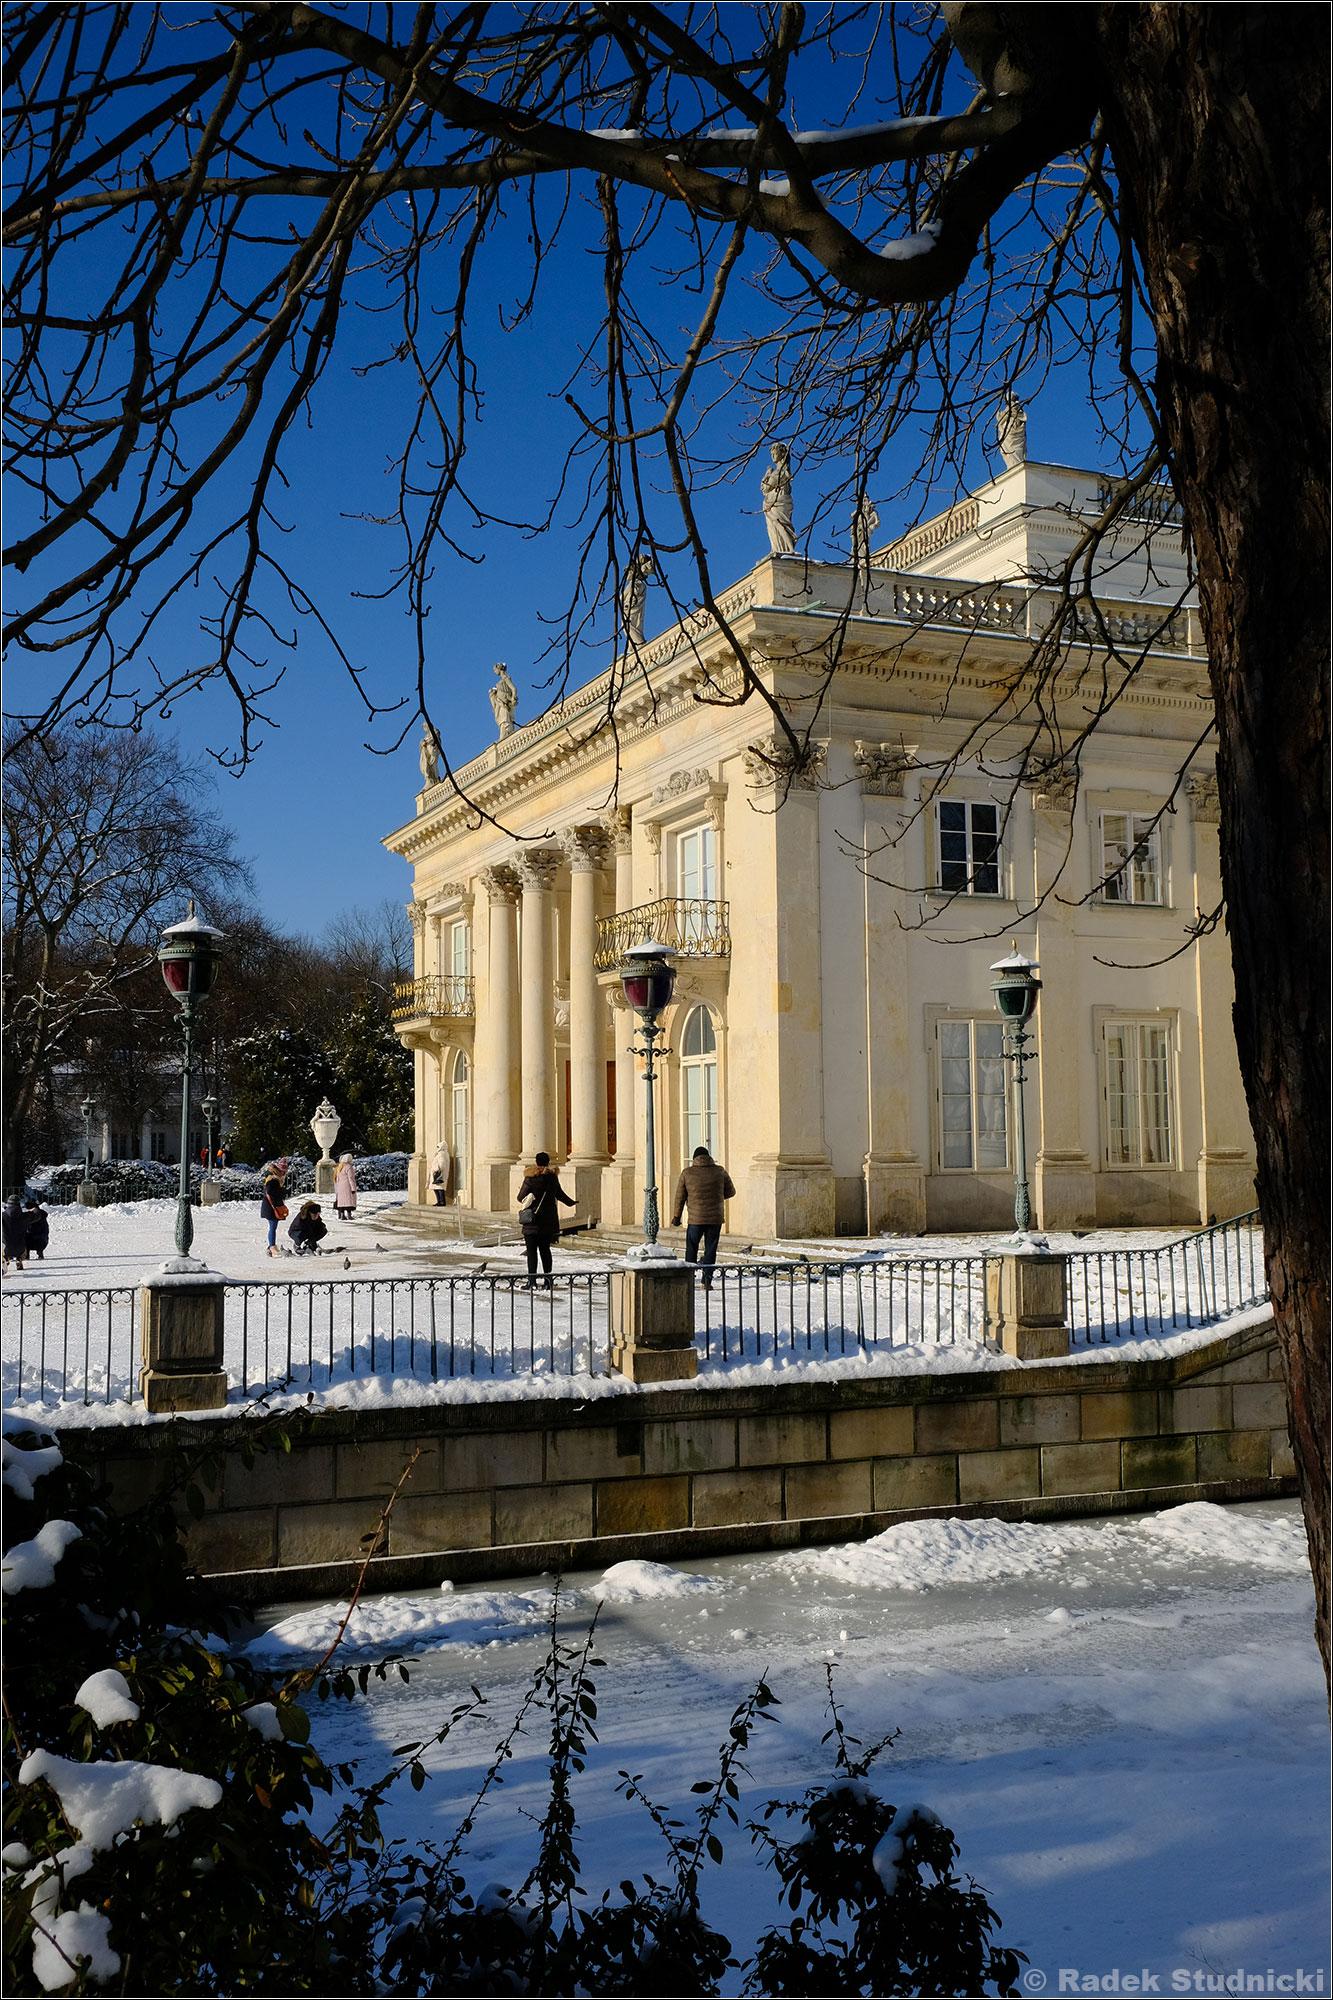 Pałac na wodzie zimą